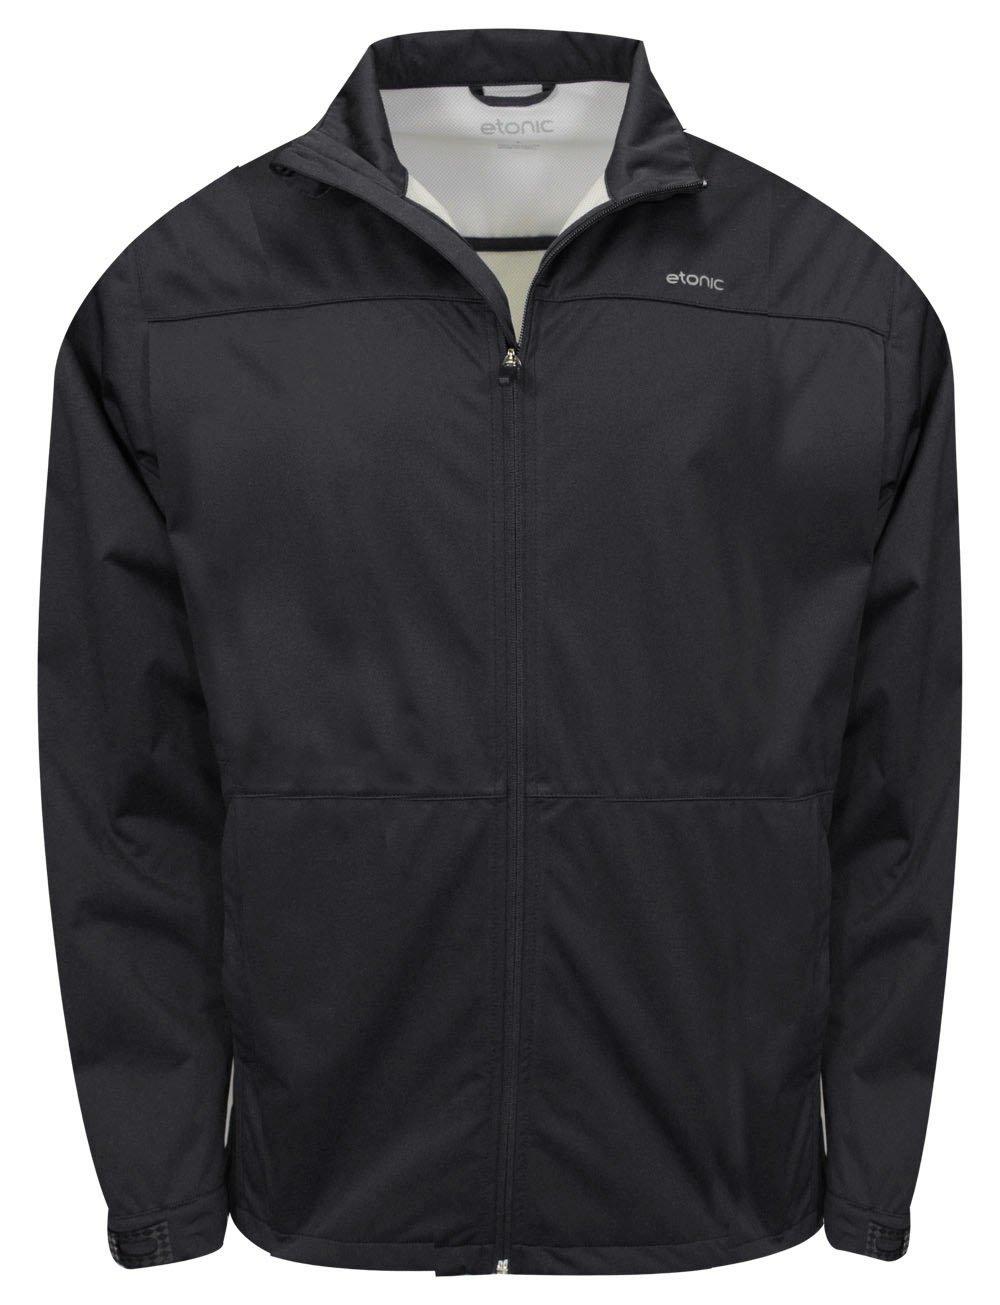 Etonic Golf- Performance Wind Jacket